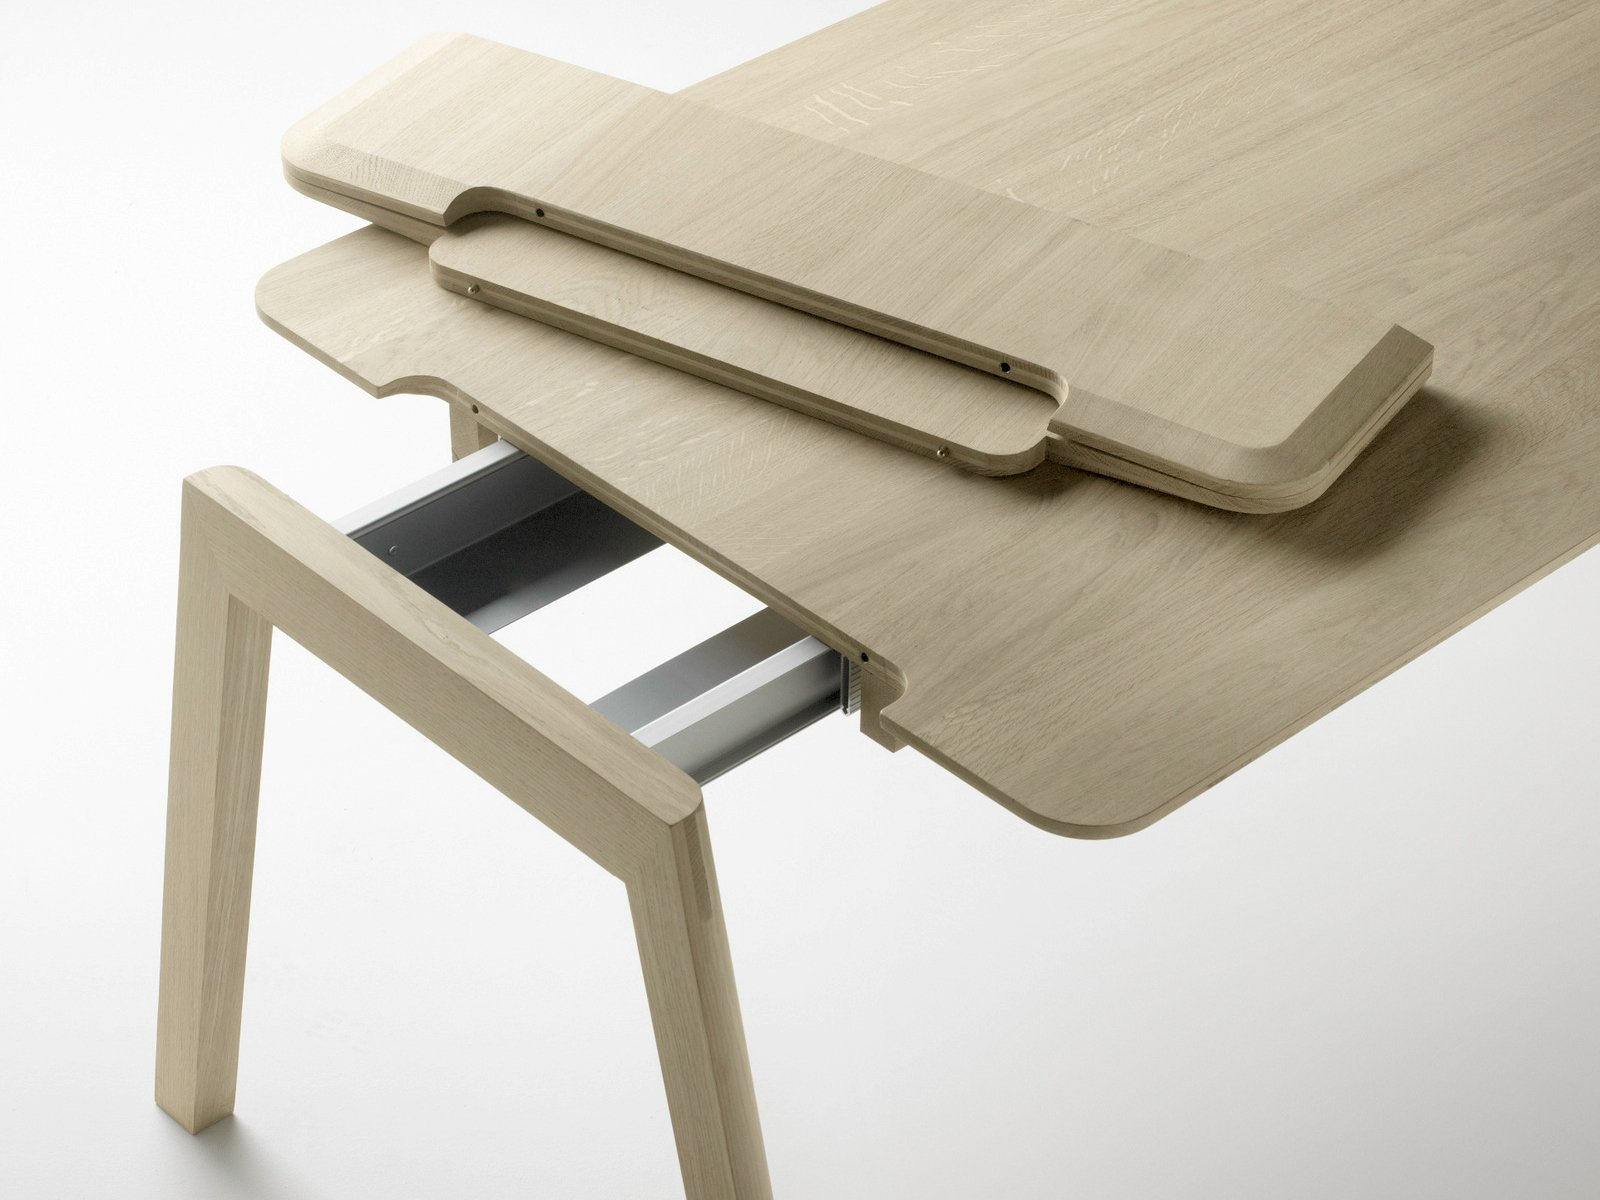 Heldu ausziehbarer tisch by alki design jean louis iratzoki for Ausziehbarer tisch